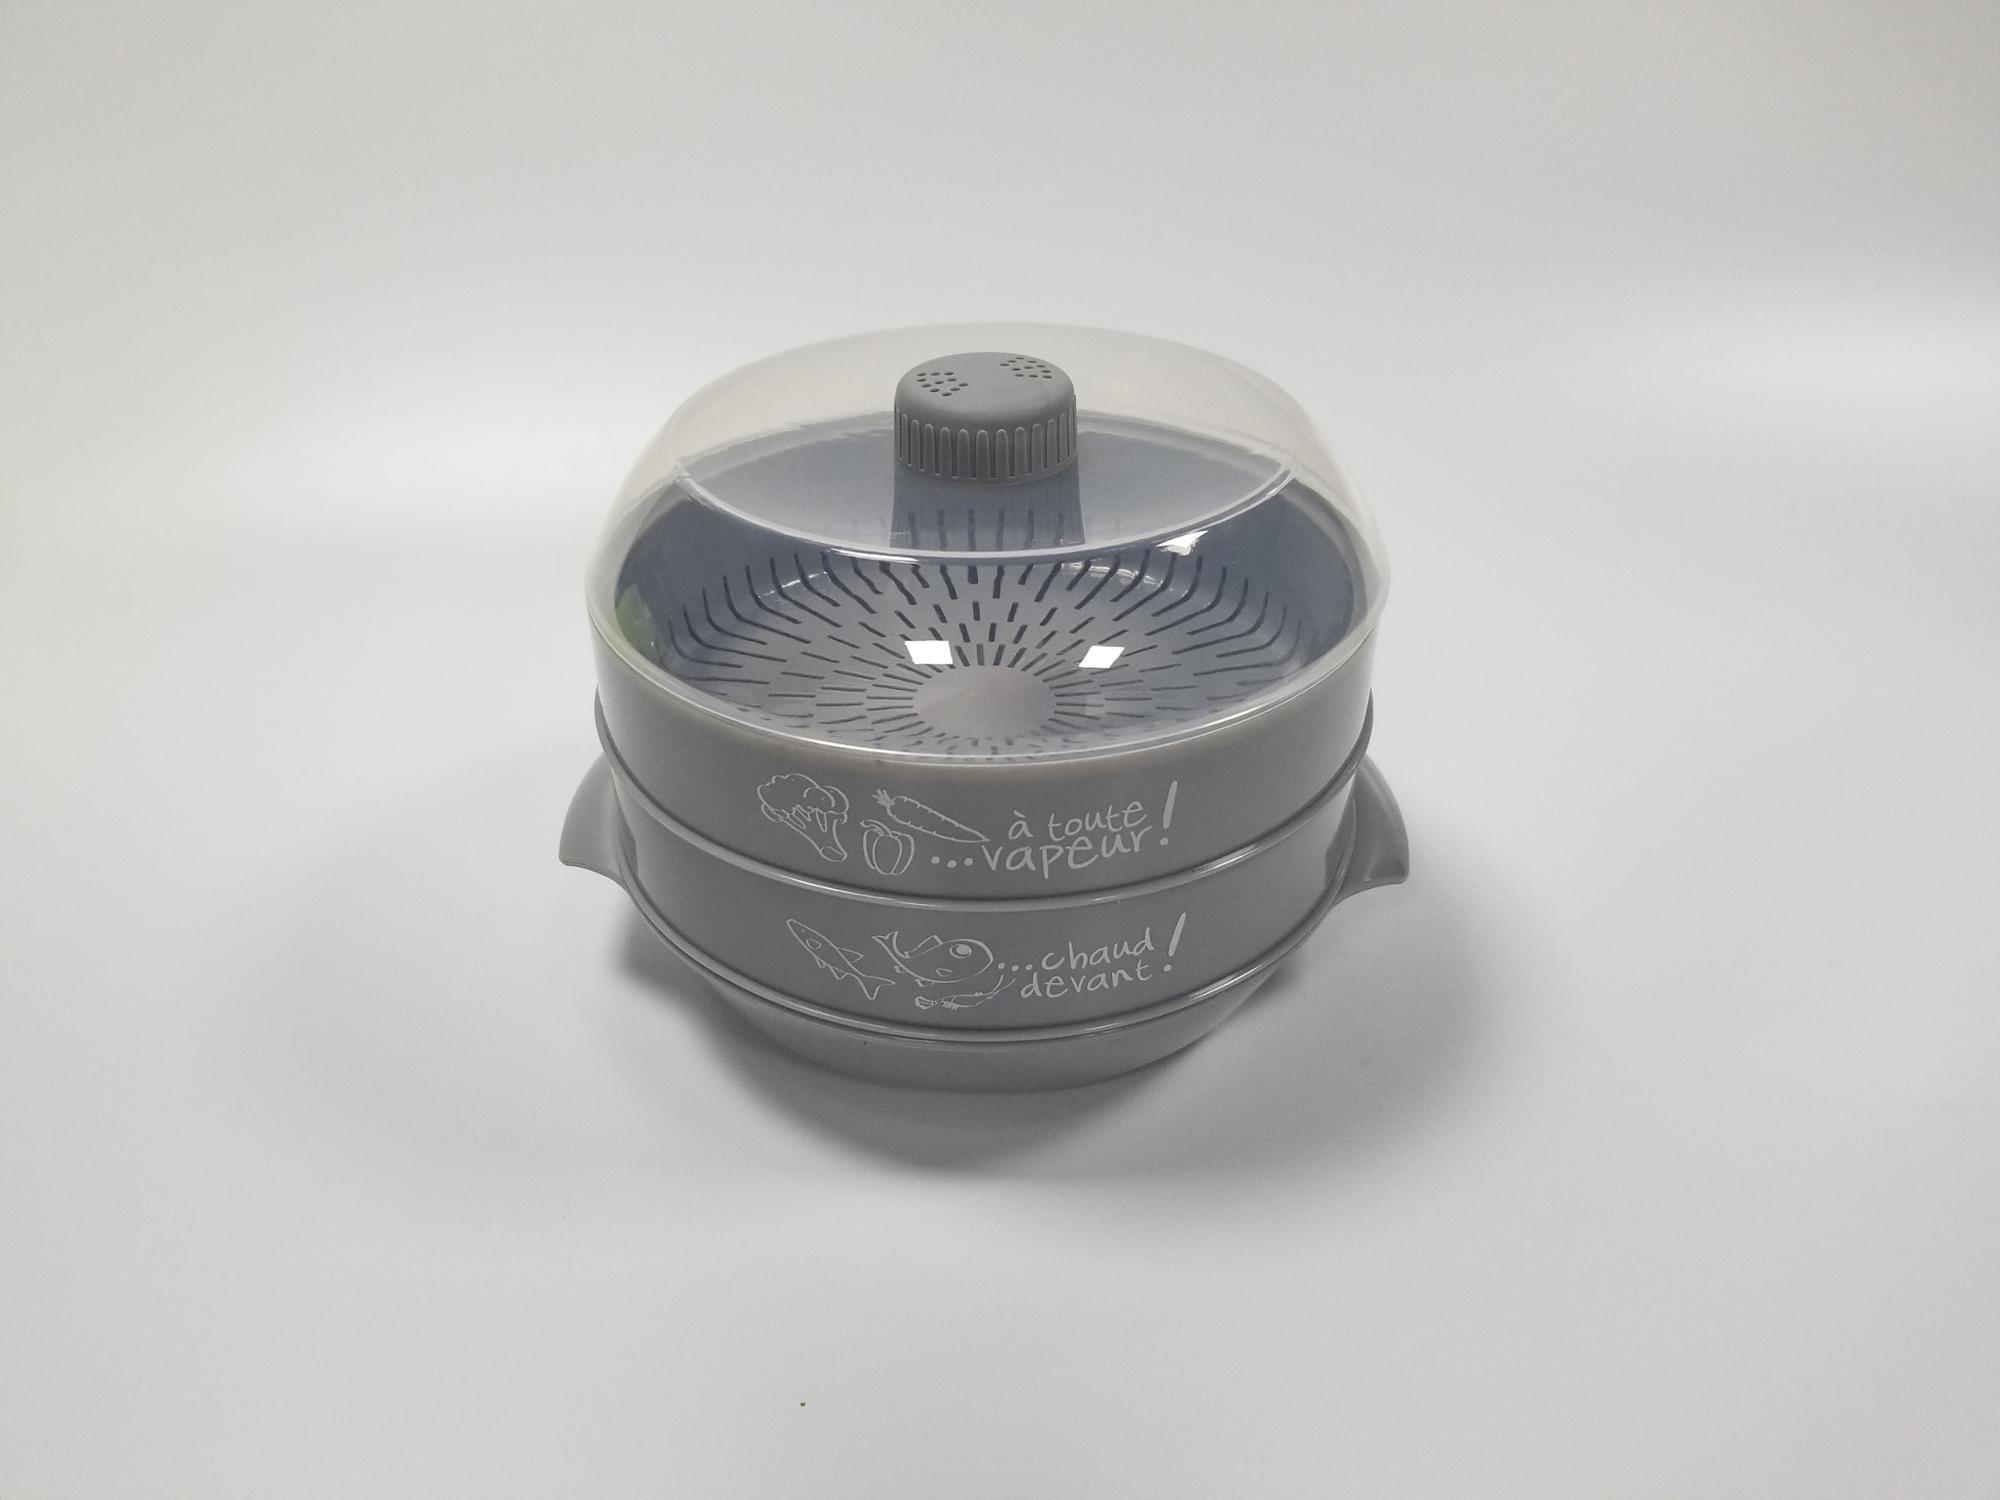 Heißer Verkauf Microwavable Dampfgarer Mikrowellenherd Dampfgarer Gemüse Fisch Garnelen Mikrowelle Dampfer